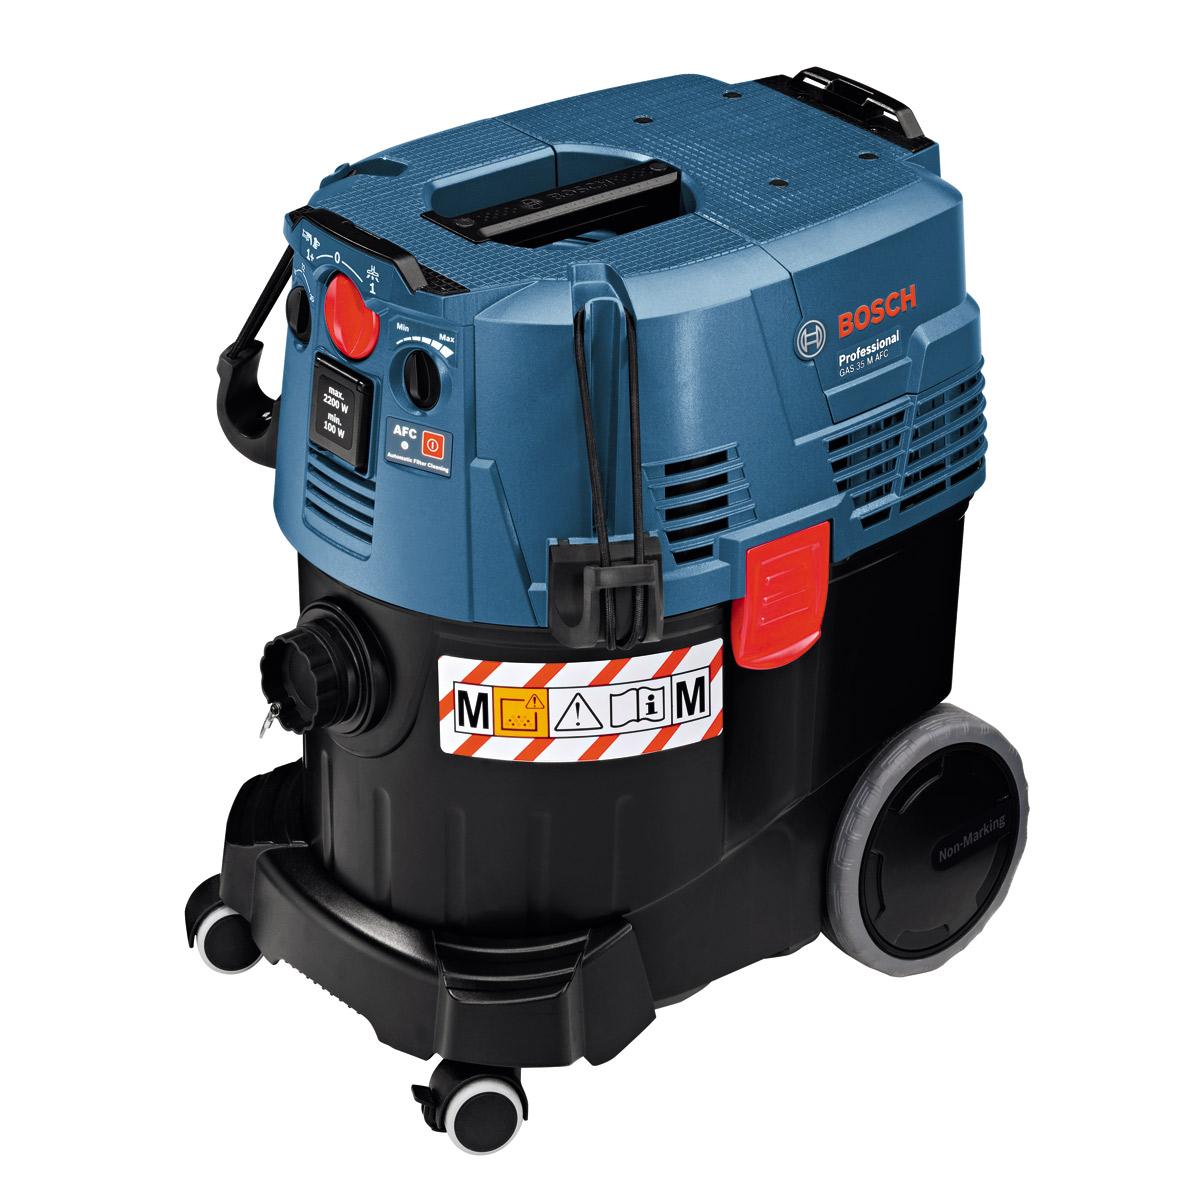 Строительный пылесос Bosch GAS 35 M AFC [06019C3100]Пылесосы<br>Универсальный пылесос Bosch Professional GAS 35 M AFC сертифицированный по классу M, для влажного и сухого мусора с полуавтоматической очисткой фильтра.<br><br>Особенности:<br>- Автоматика дистанционного выключения<br>- Пылезащищенность класса M<br>- Автоматическая система очистки фильтра<br>- Плавная регулировка силы всасывания на пылесосе и на муфте<br>- Звуковой сигнал при достижении минимального потока воздуха<br>- Ограничение пускового тока<br>- Крепление для установки кейсов L-BOXX<br>- Антистатический шланг<br>- Компактные размеры<br>- Макс. пропускная способность: 74 л/с<br>- Автоматическое...<br><br>Тип: Строительный пылесос<br>Потребляемая мощность, Вт: 1200<br>Тип уборки: Сухая\влажная<br>Регулятор мощности на корпусе: Есть<br>Пылесборник: Мешок<br>Емкостью пылесборника : 35 л